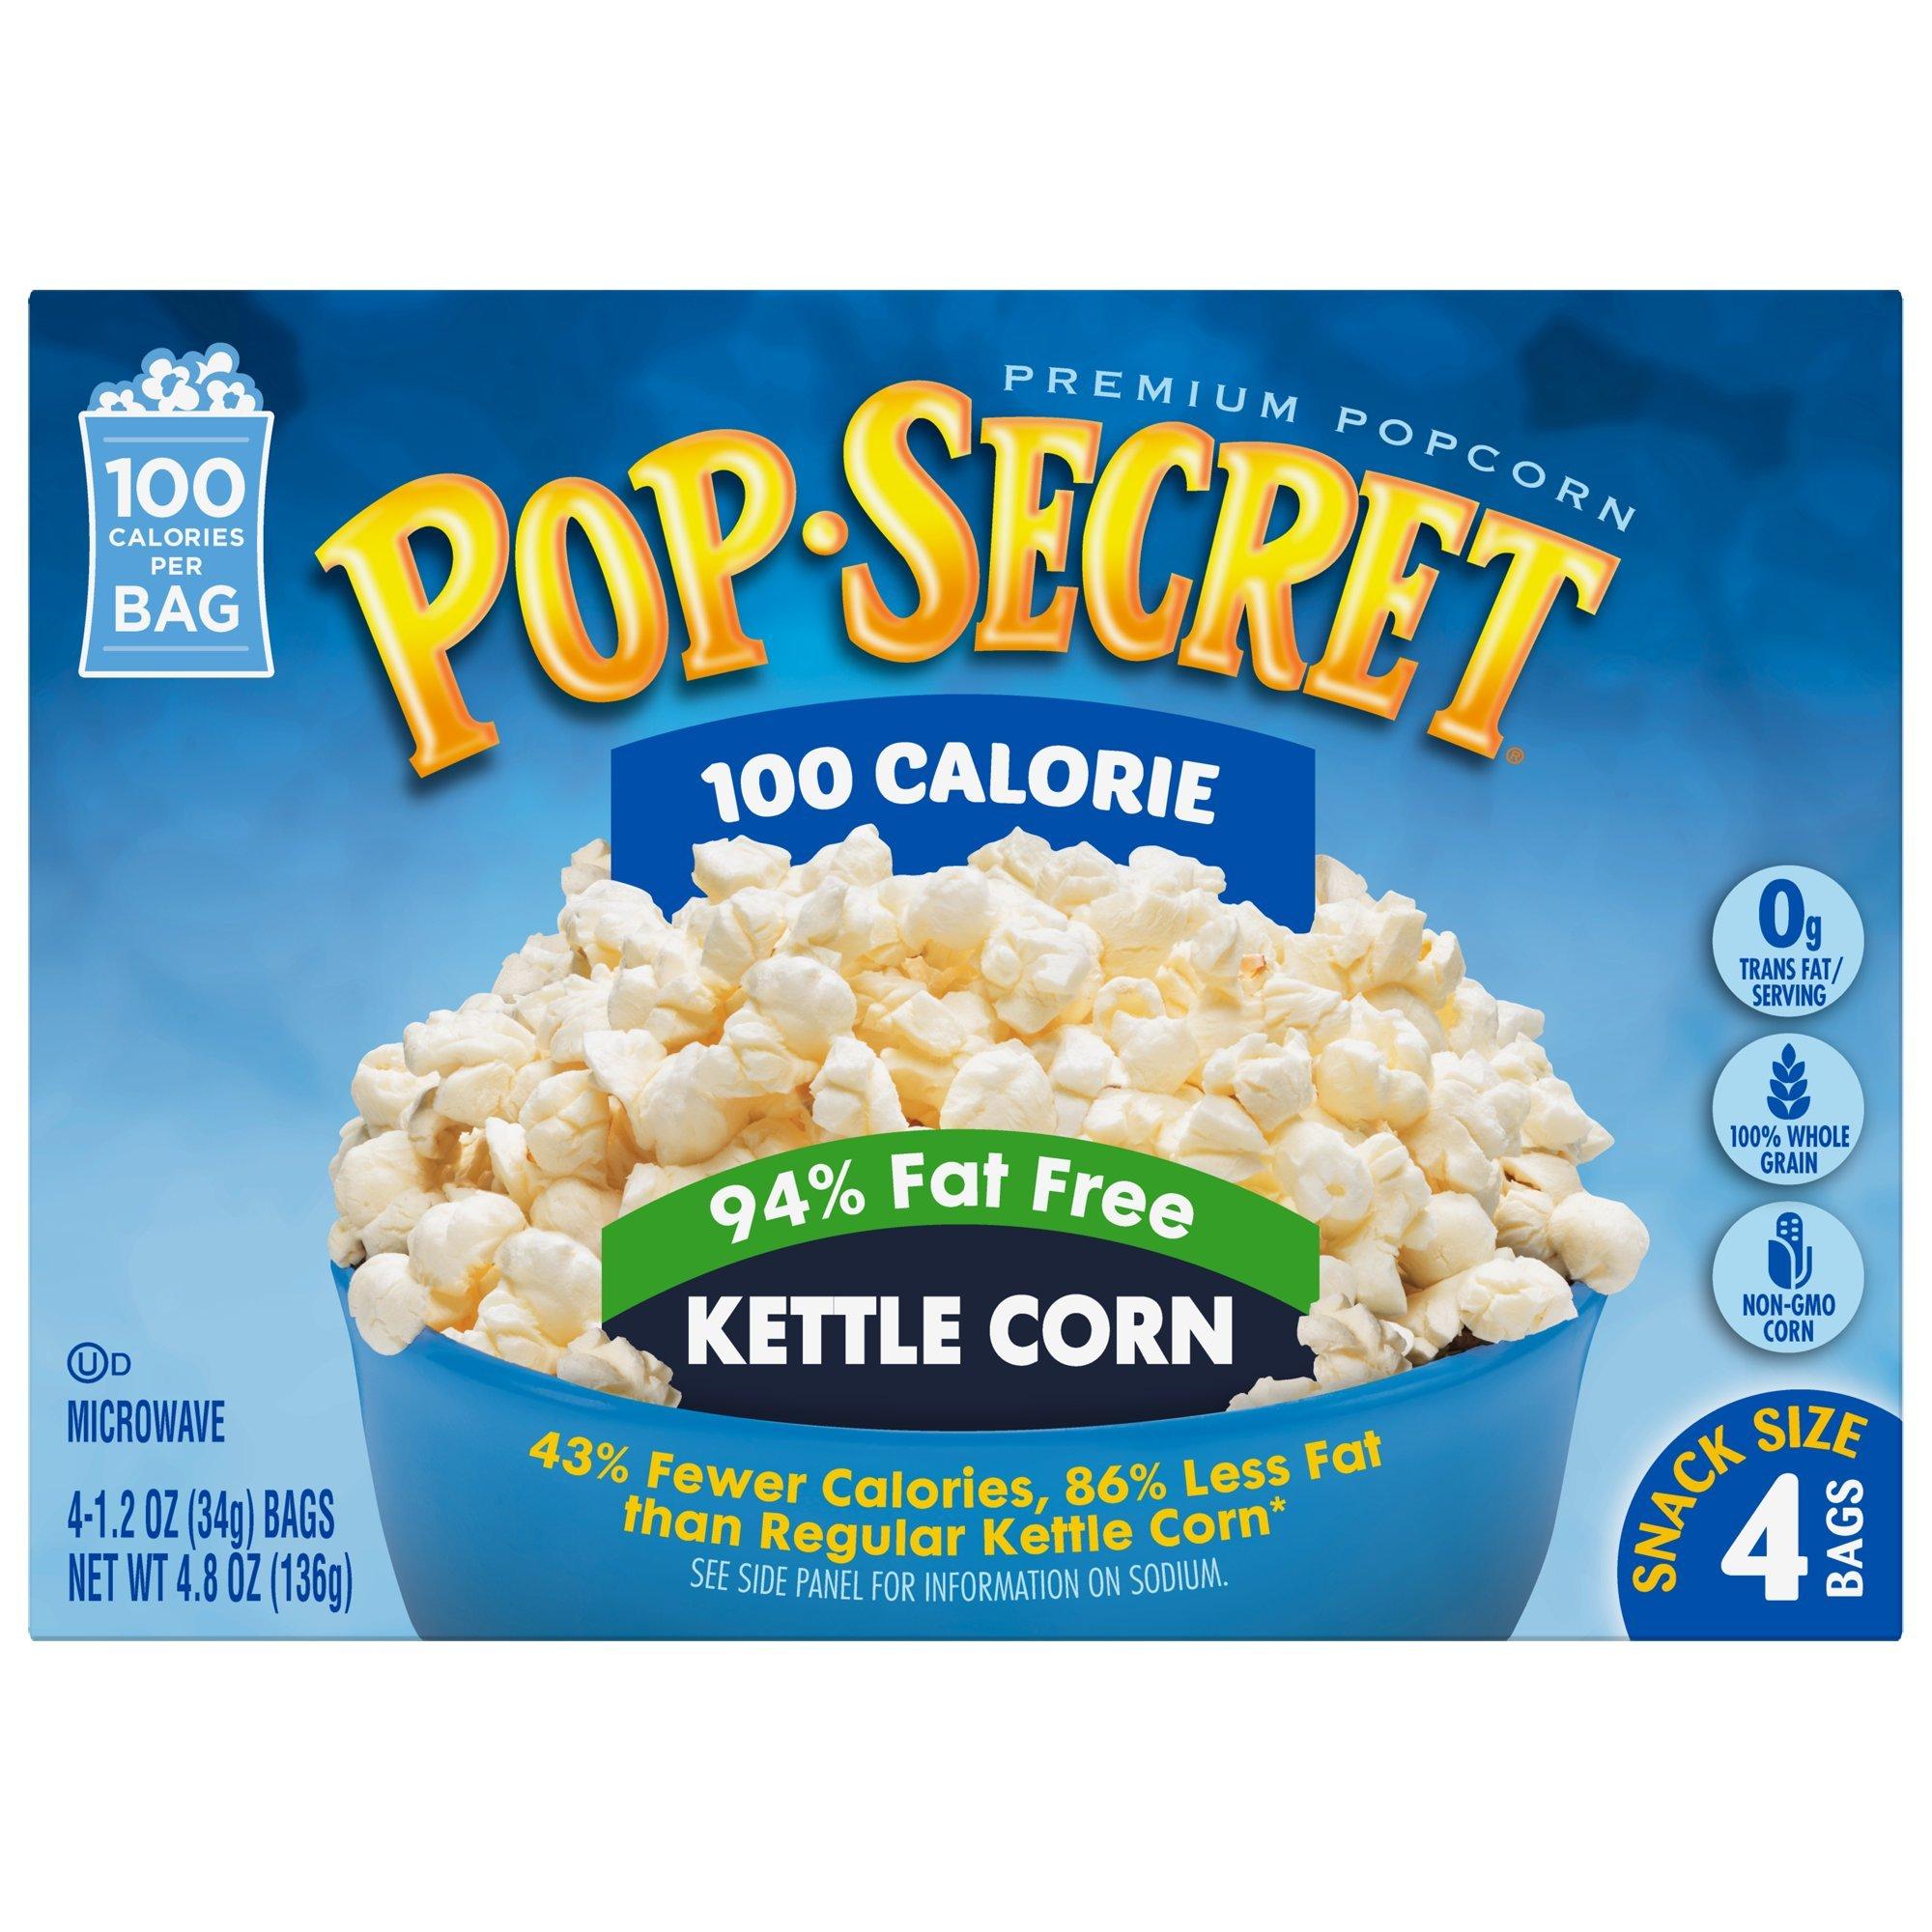 Pop Secret Microwave Popcorn, 100 Calorie 94% Fat Free Kettle Corn, 4 Count (Pack of 12) by Pop Secret